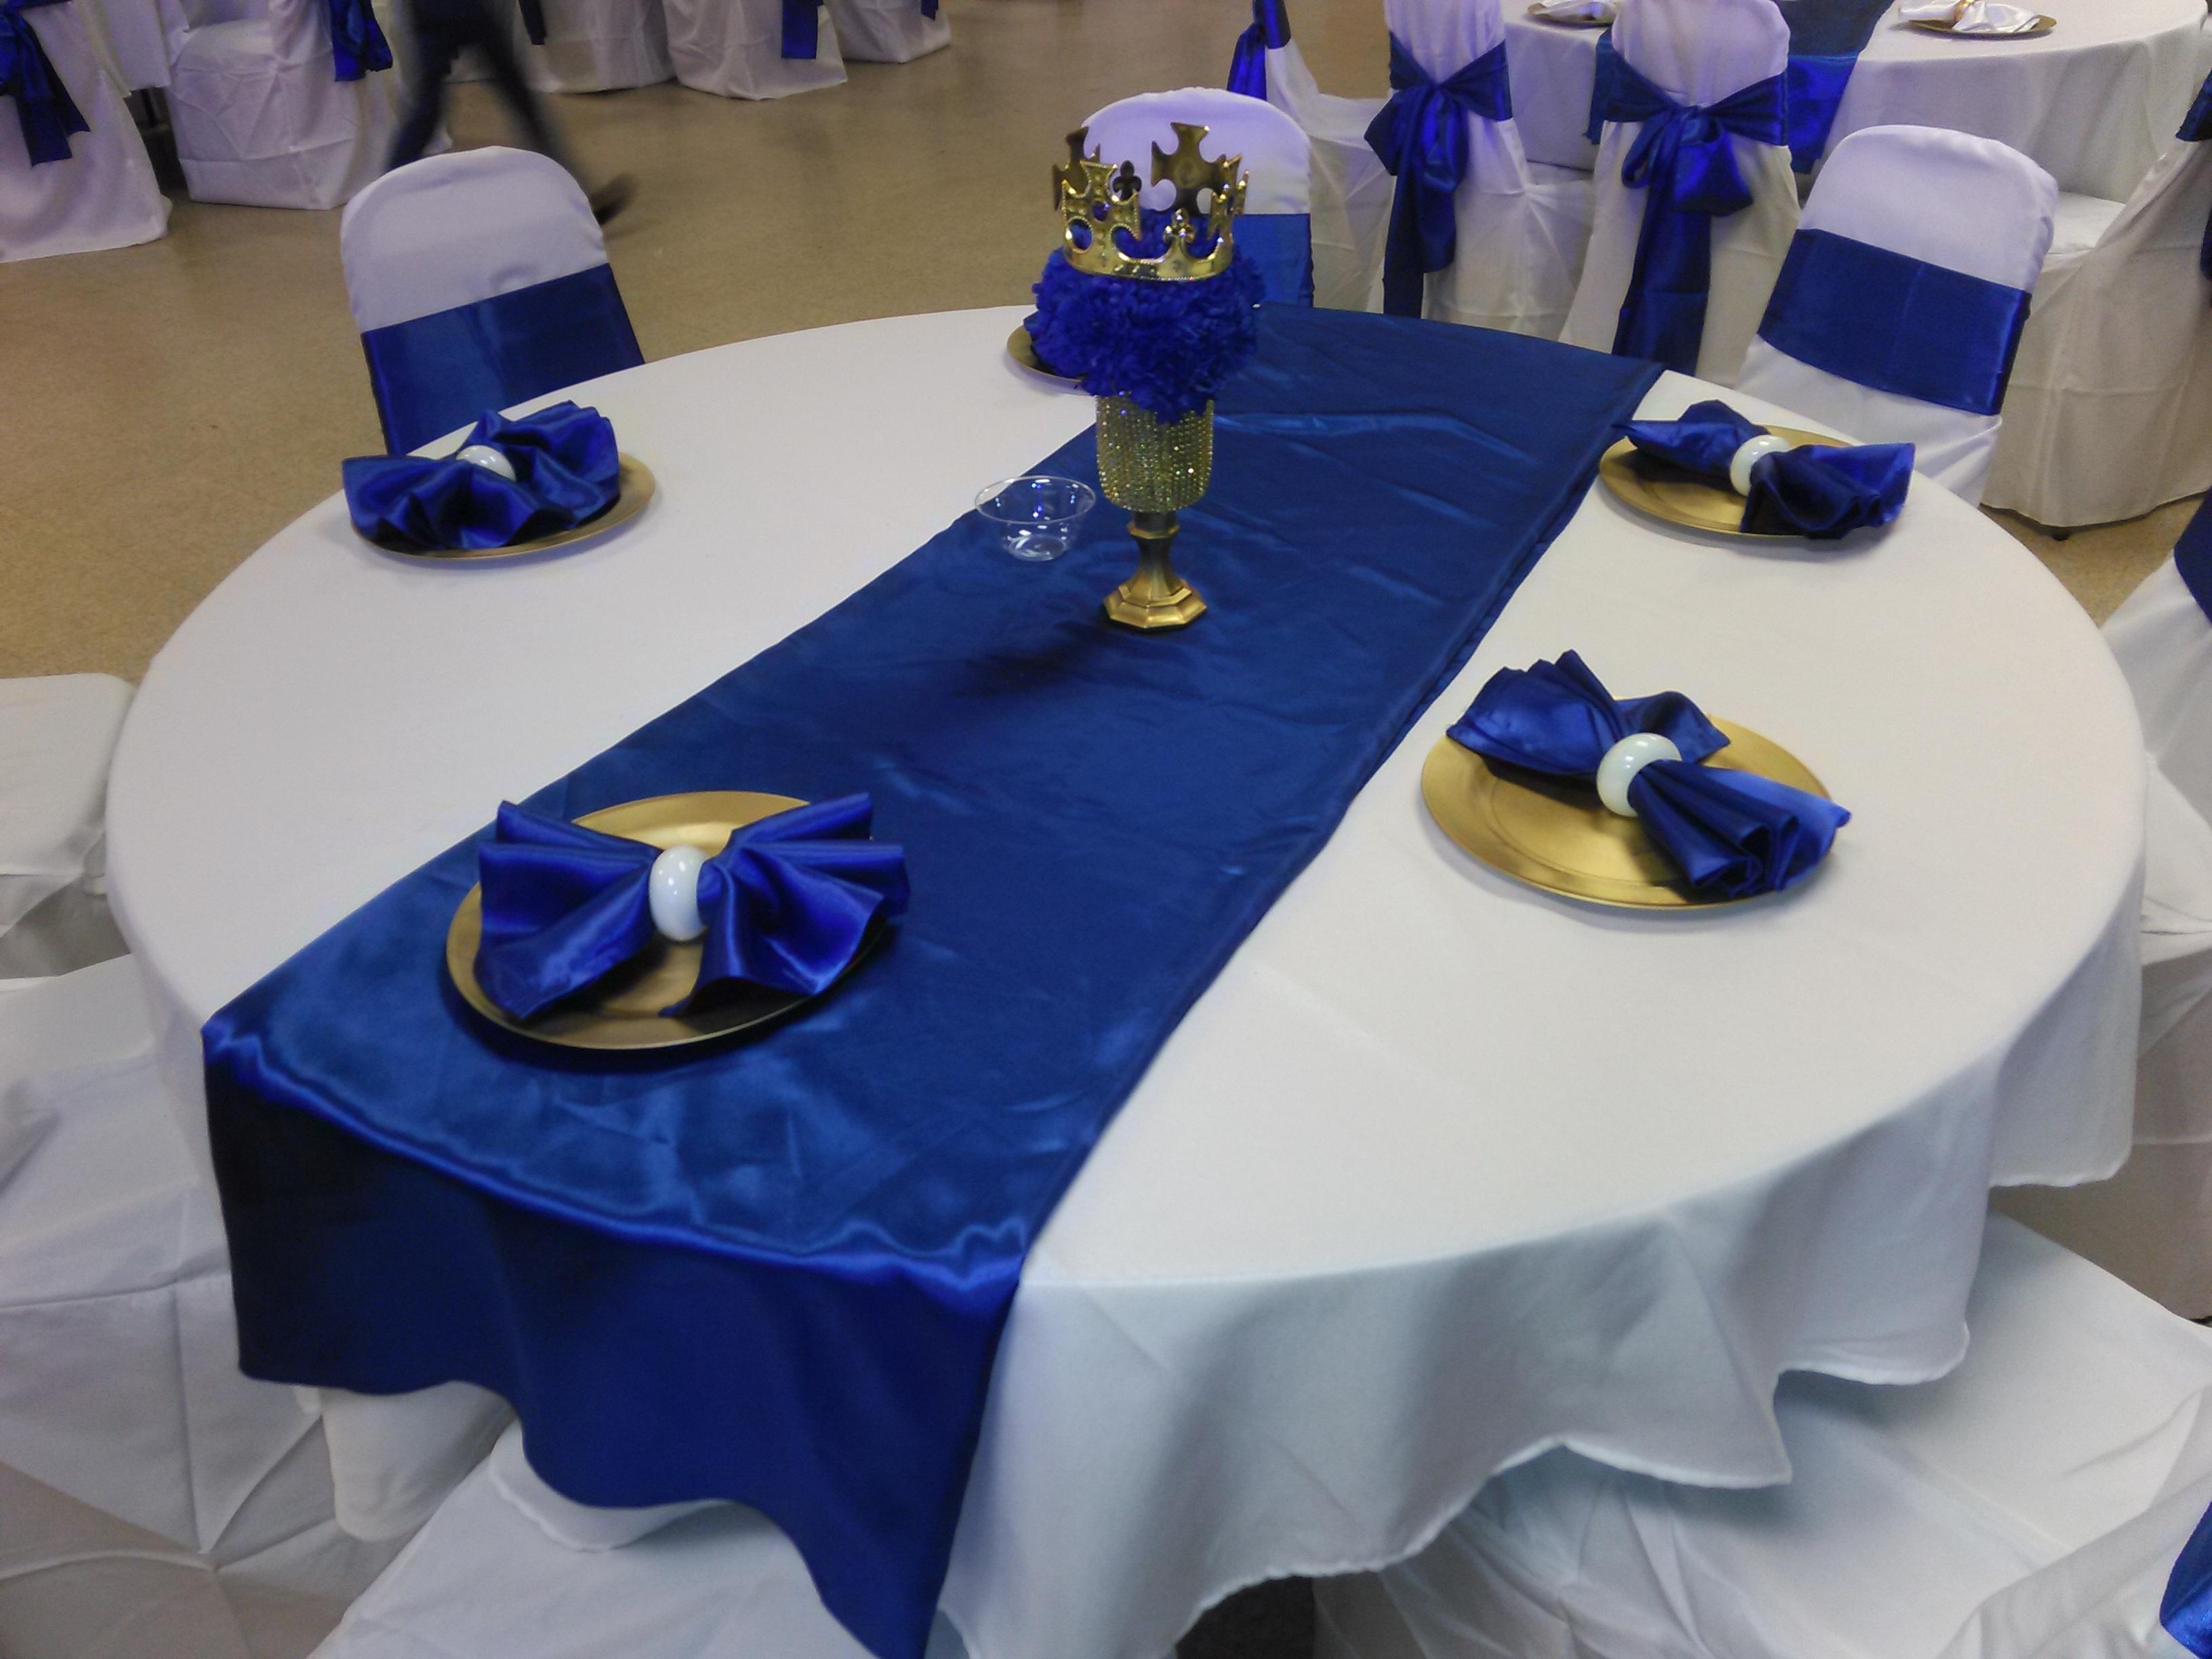 Images gratuites f te d coration repas assiette bleu mariage d cor nappe de table - Decoration table de fete ...